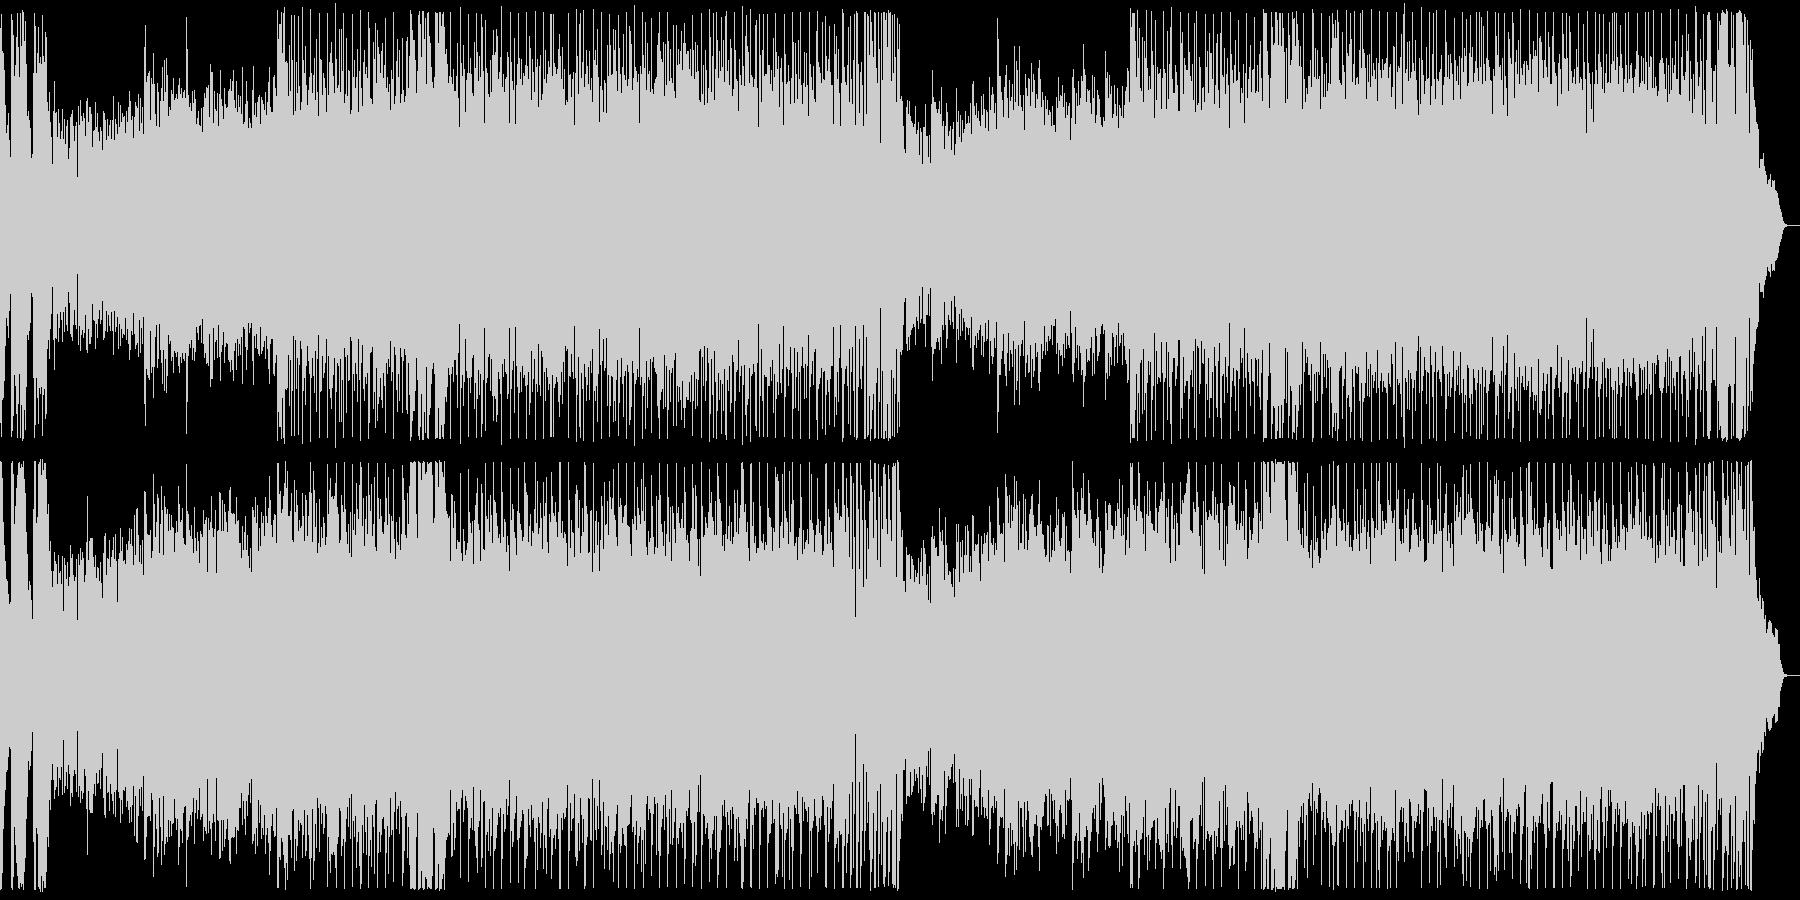 エスニック・ガムラン風の曲の未再生の波形